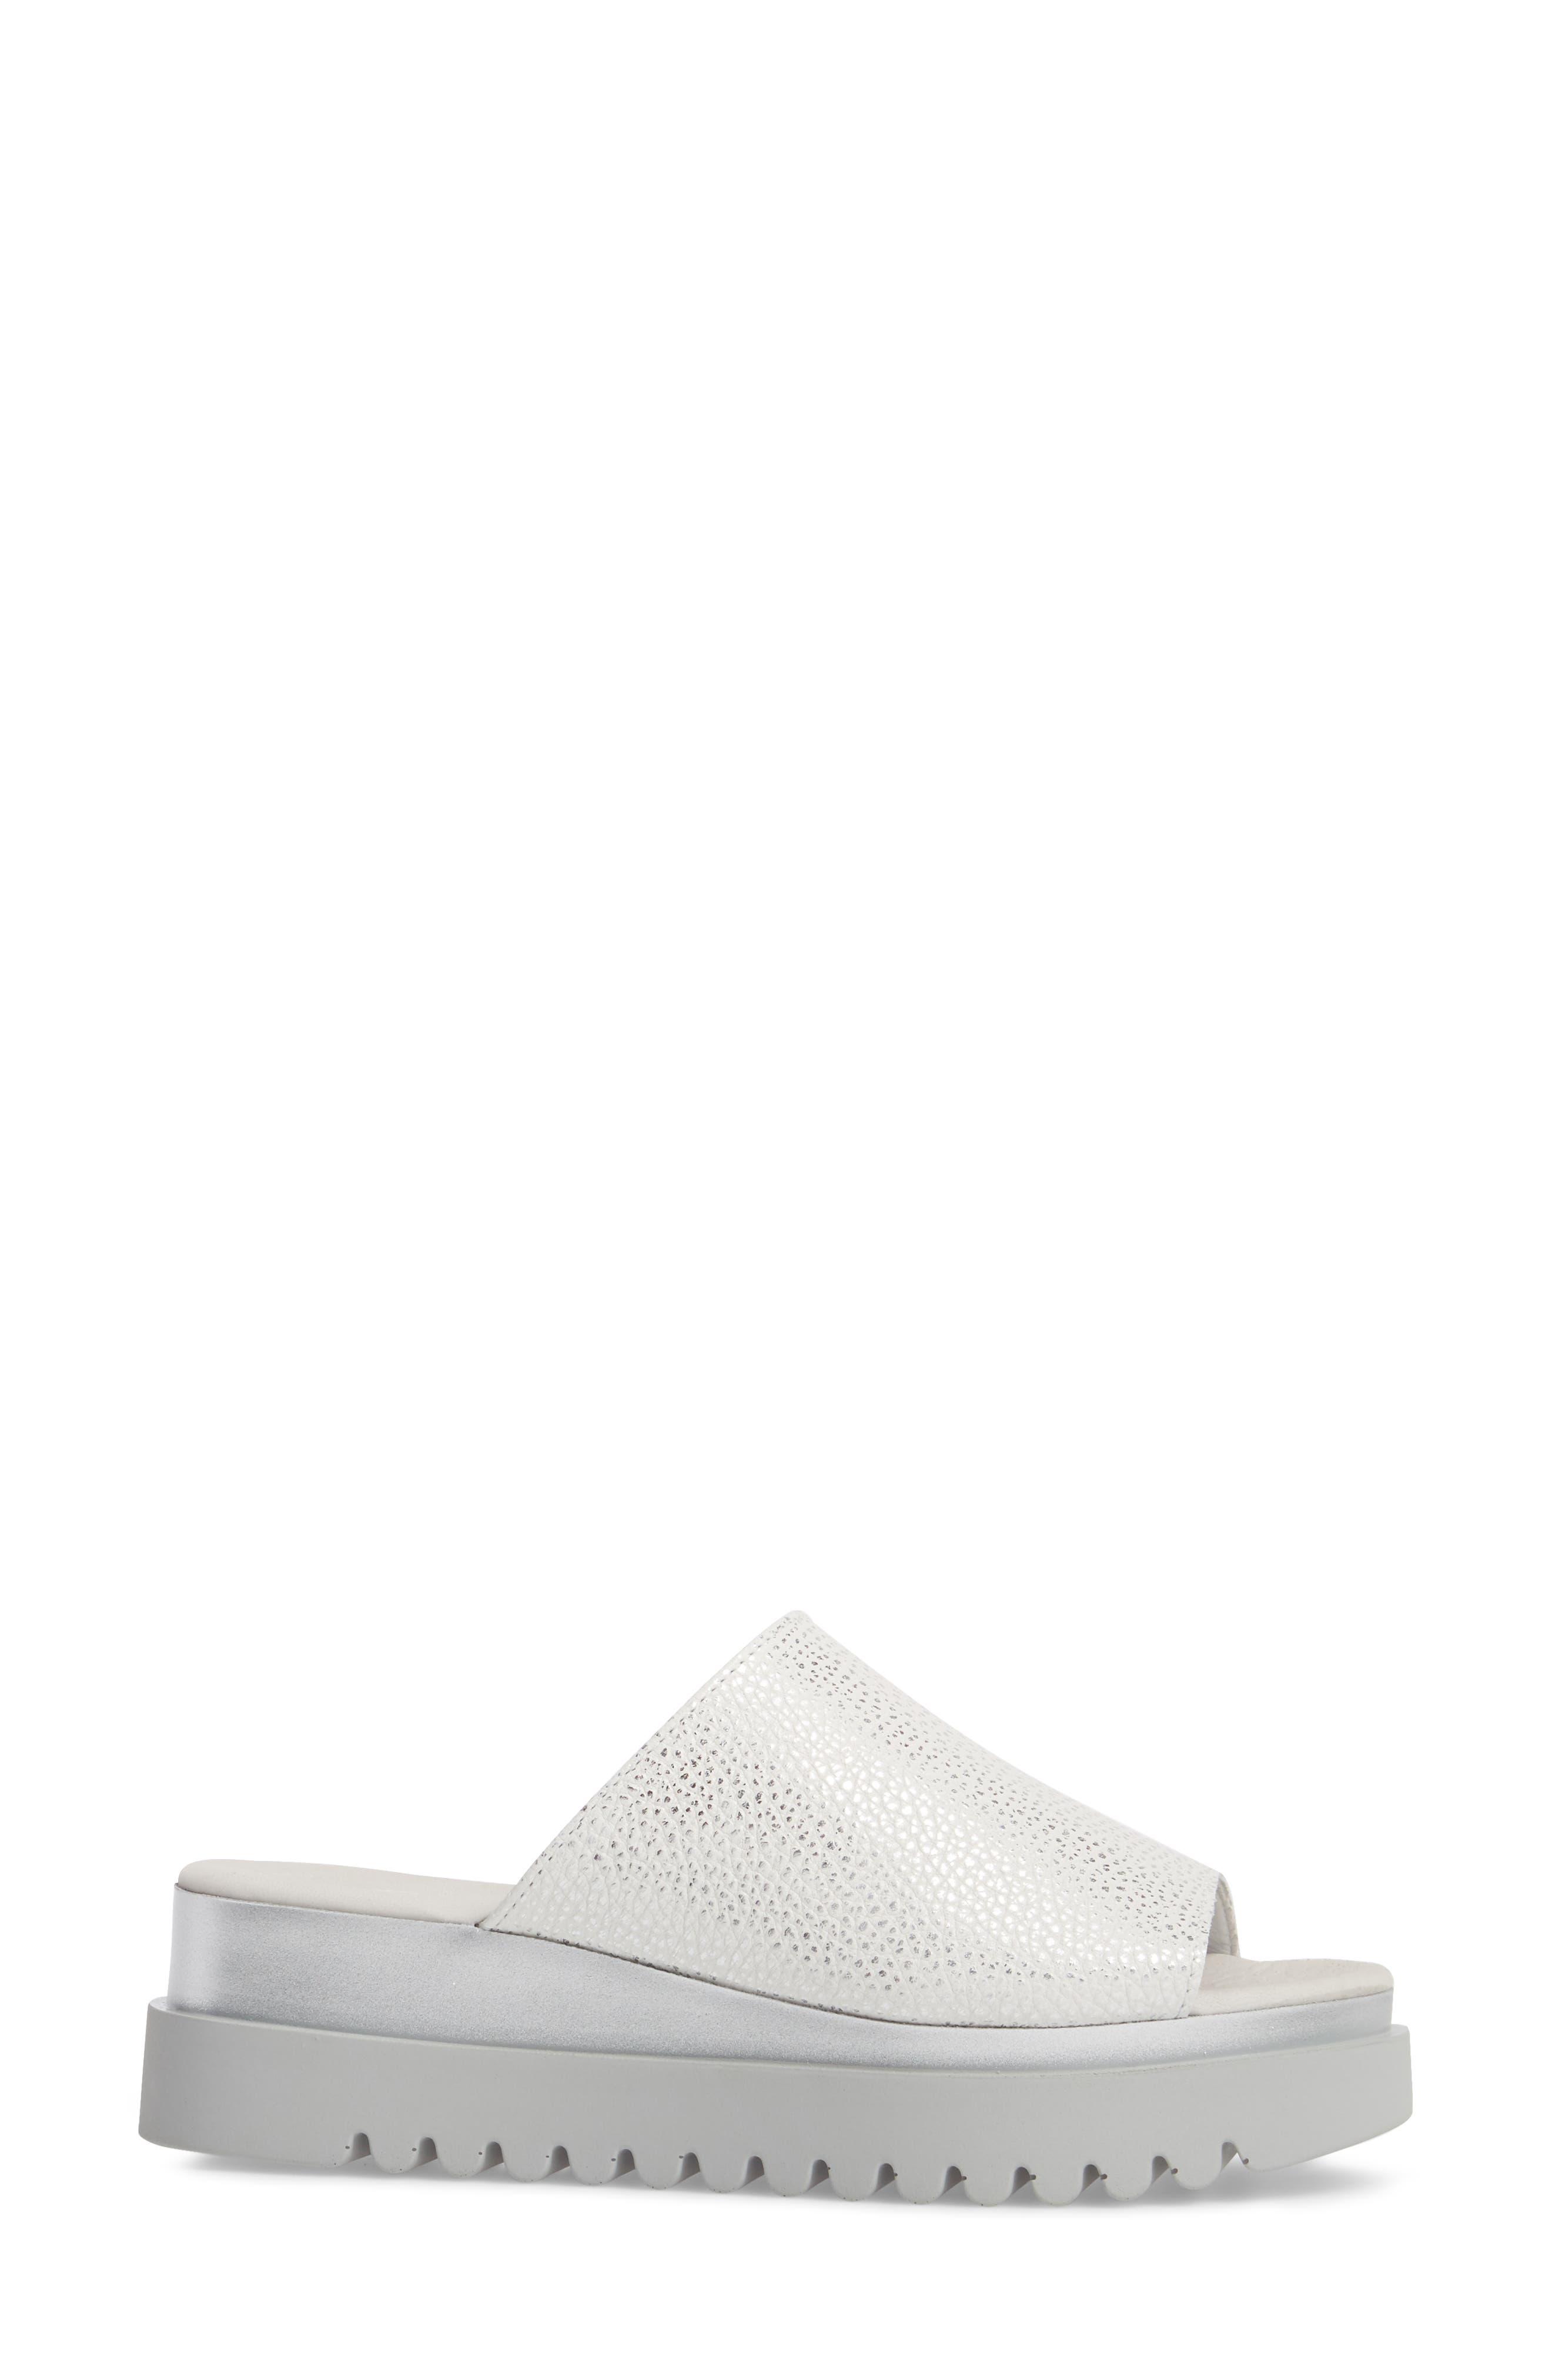 Platform Slide Sandal,                             Alternate thumbnail 3, color,                             WHITE LEATHER